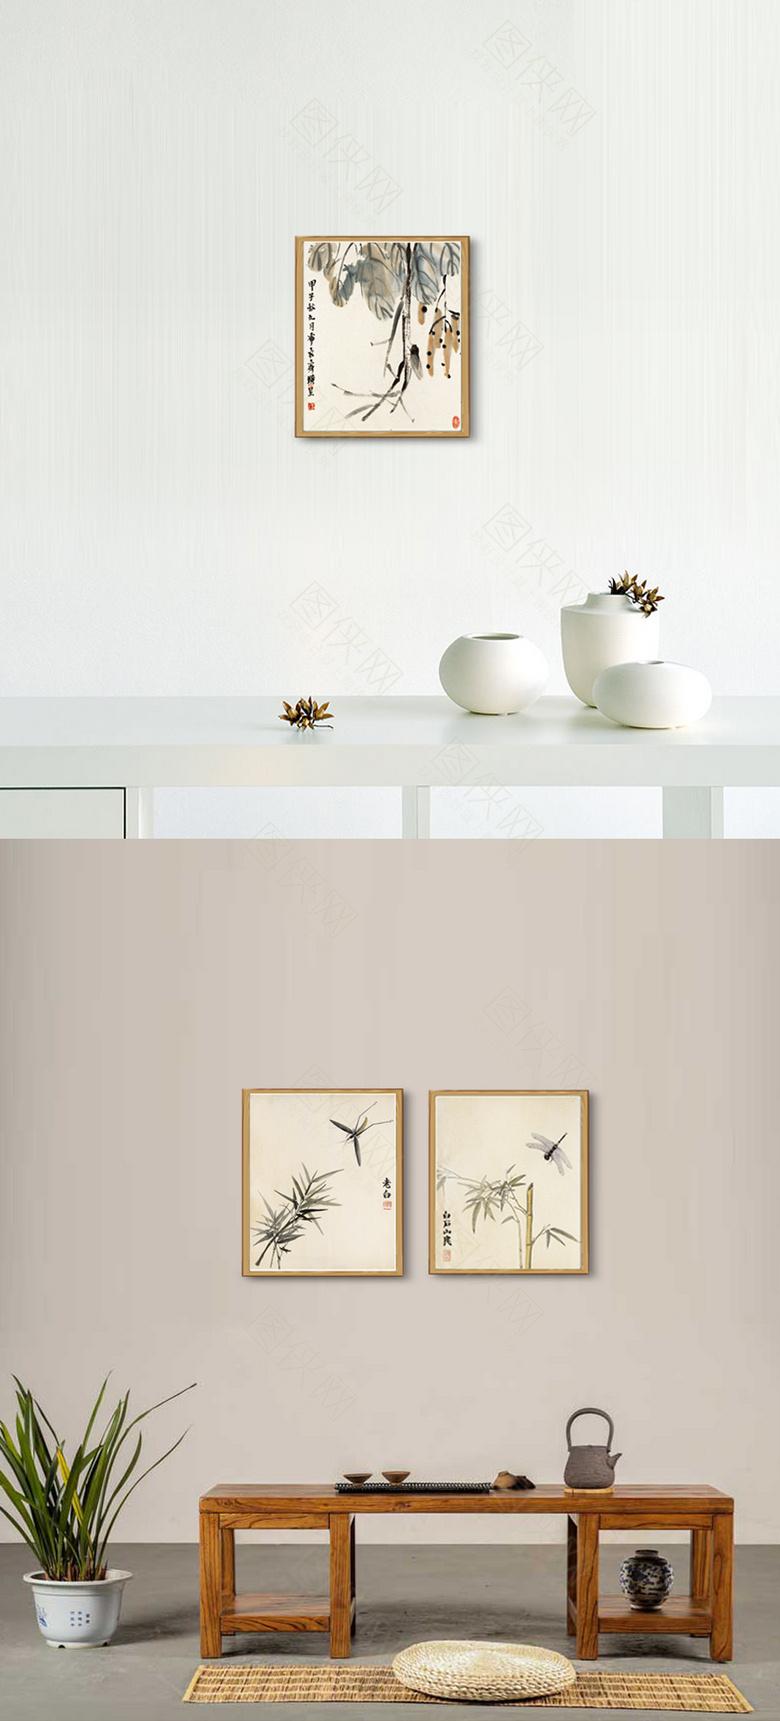 水墨国画装饰画设计